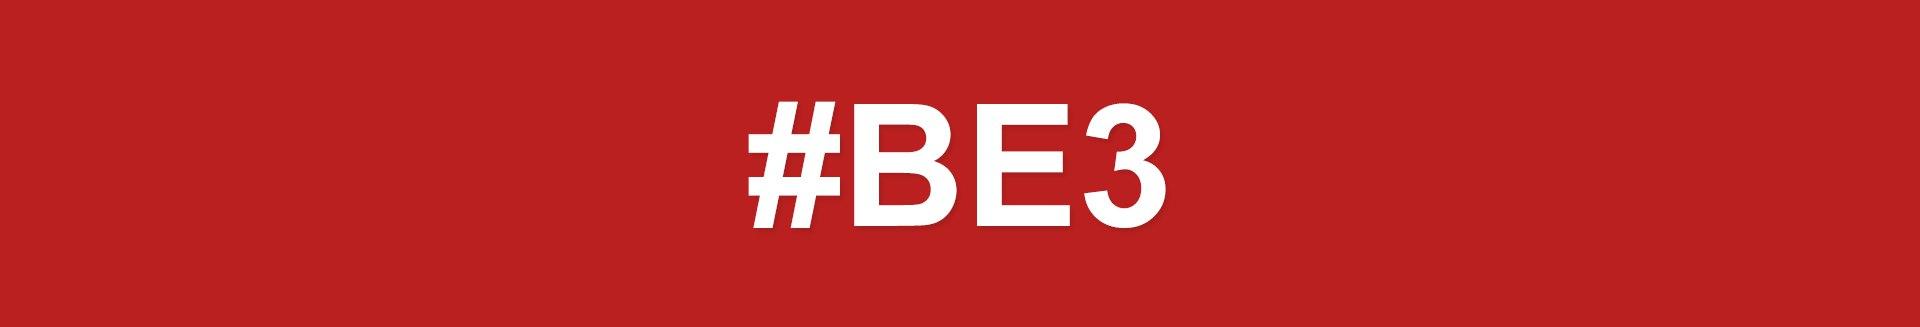 Конференция Bethesda начинается: www.